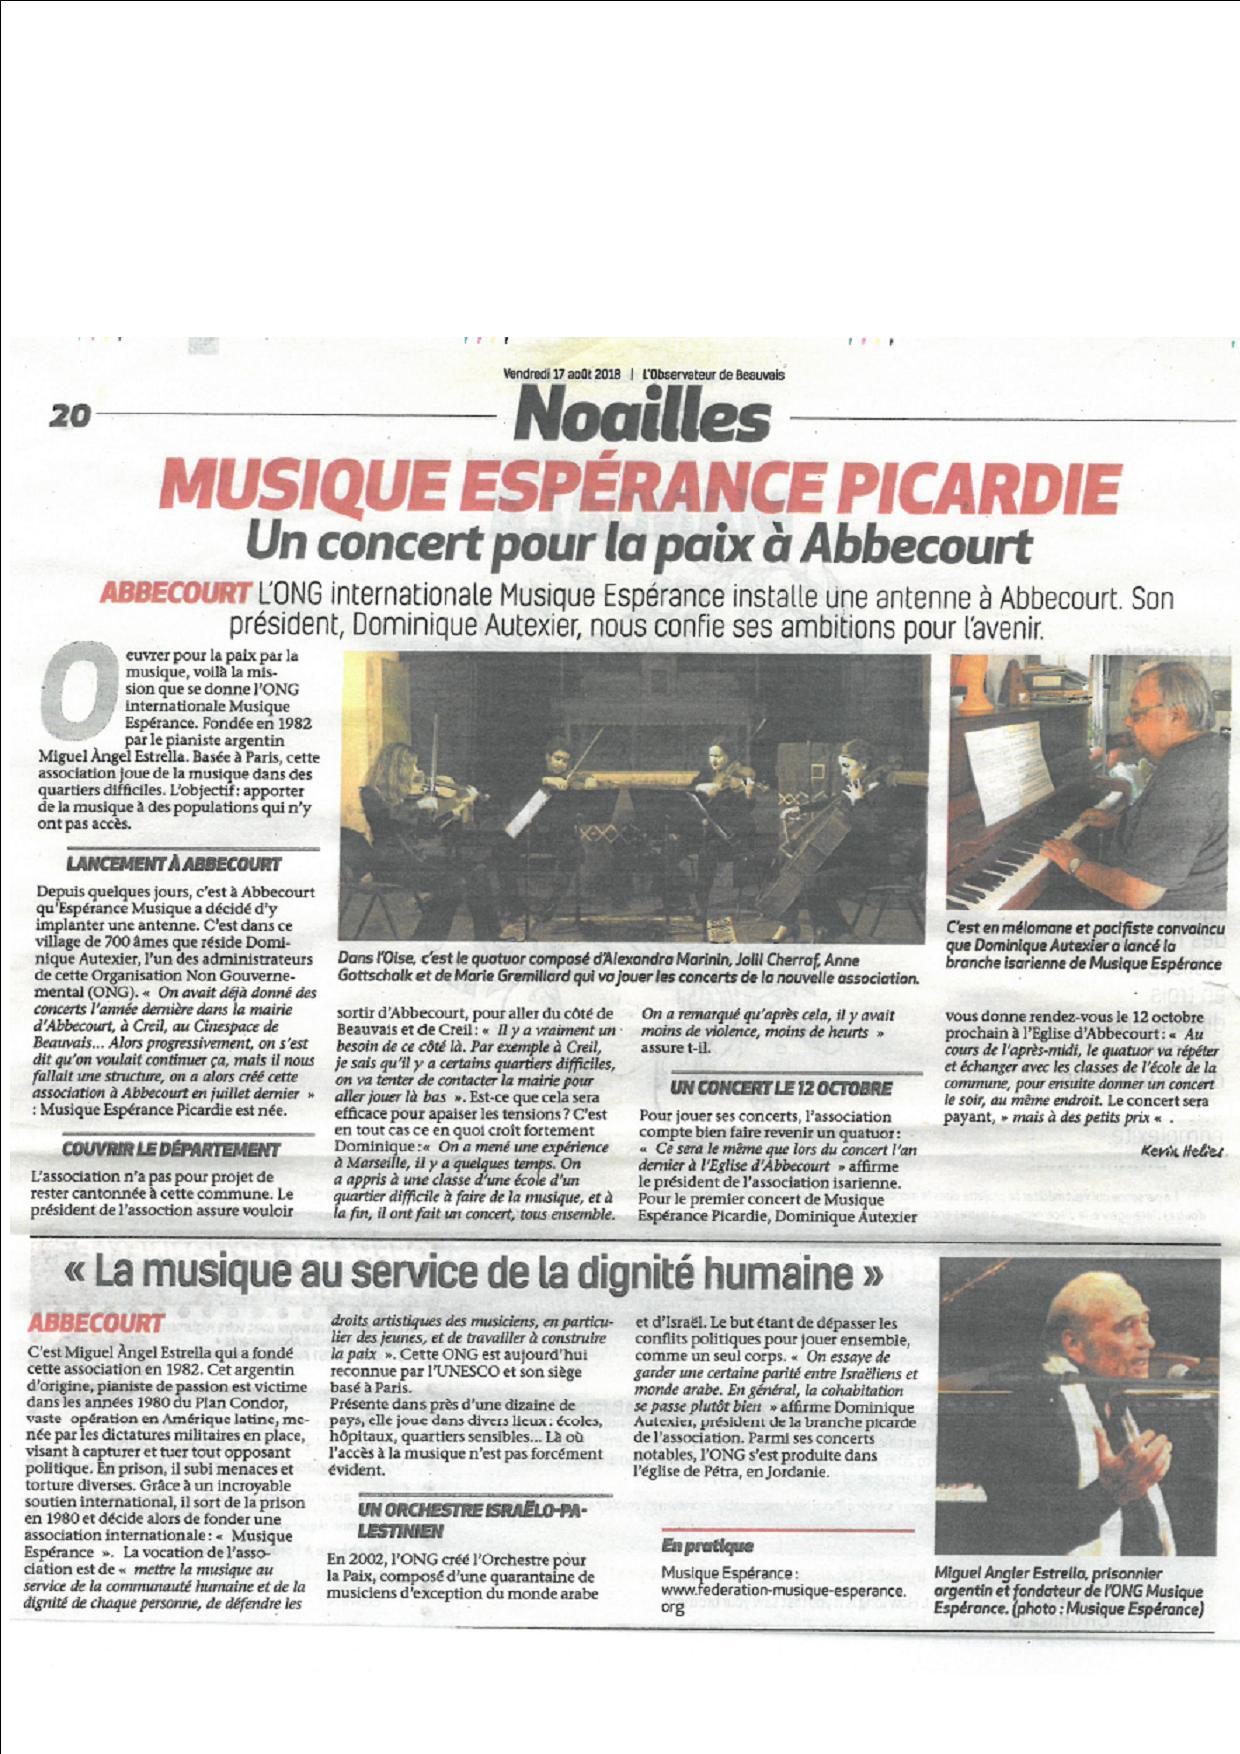 musique esperance5.jpg